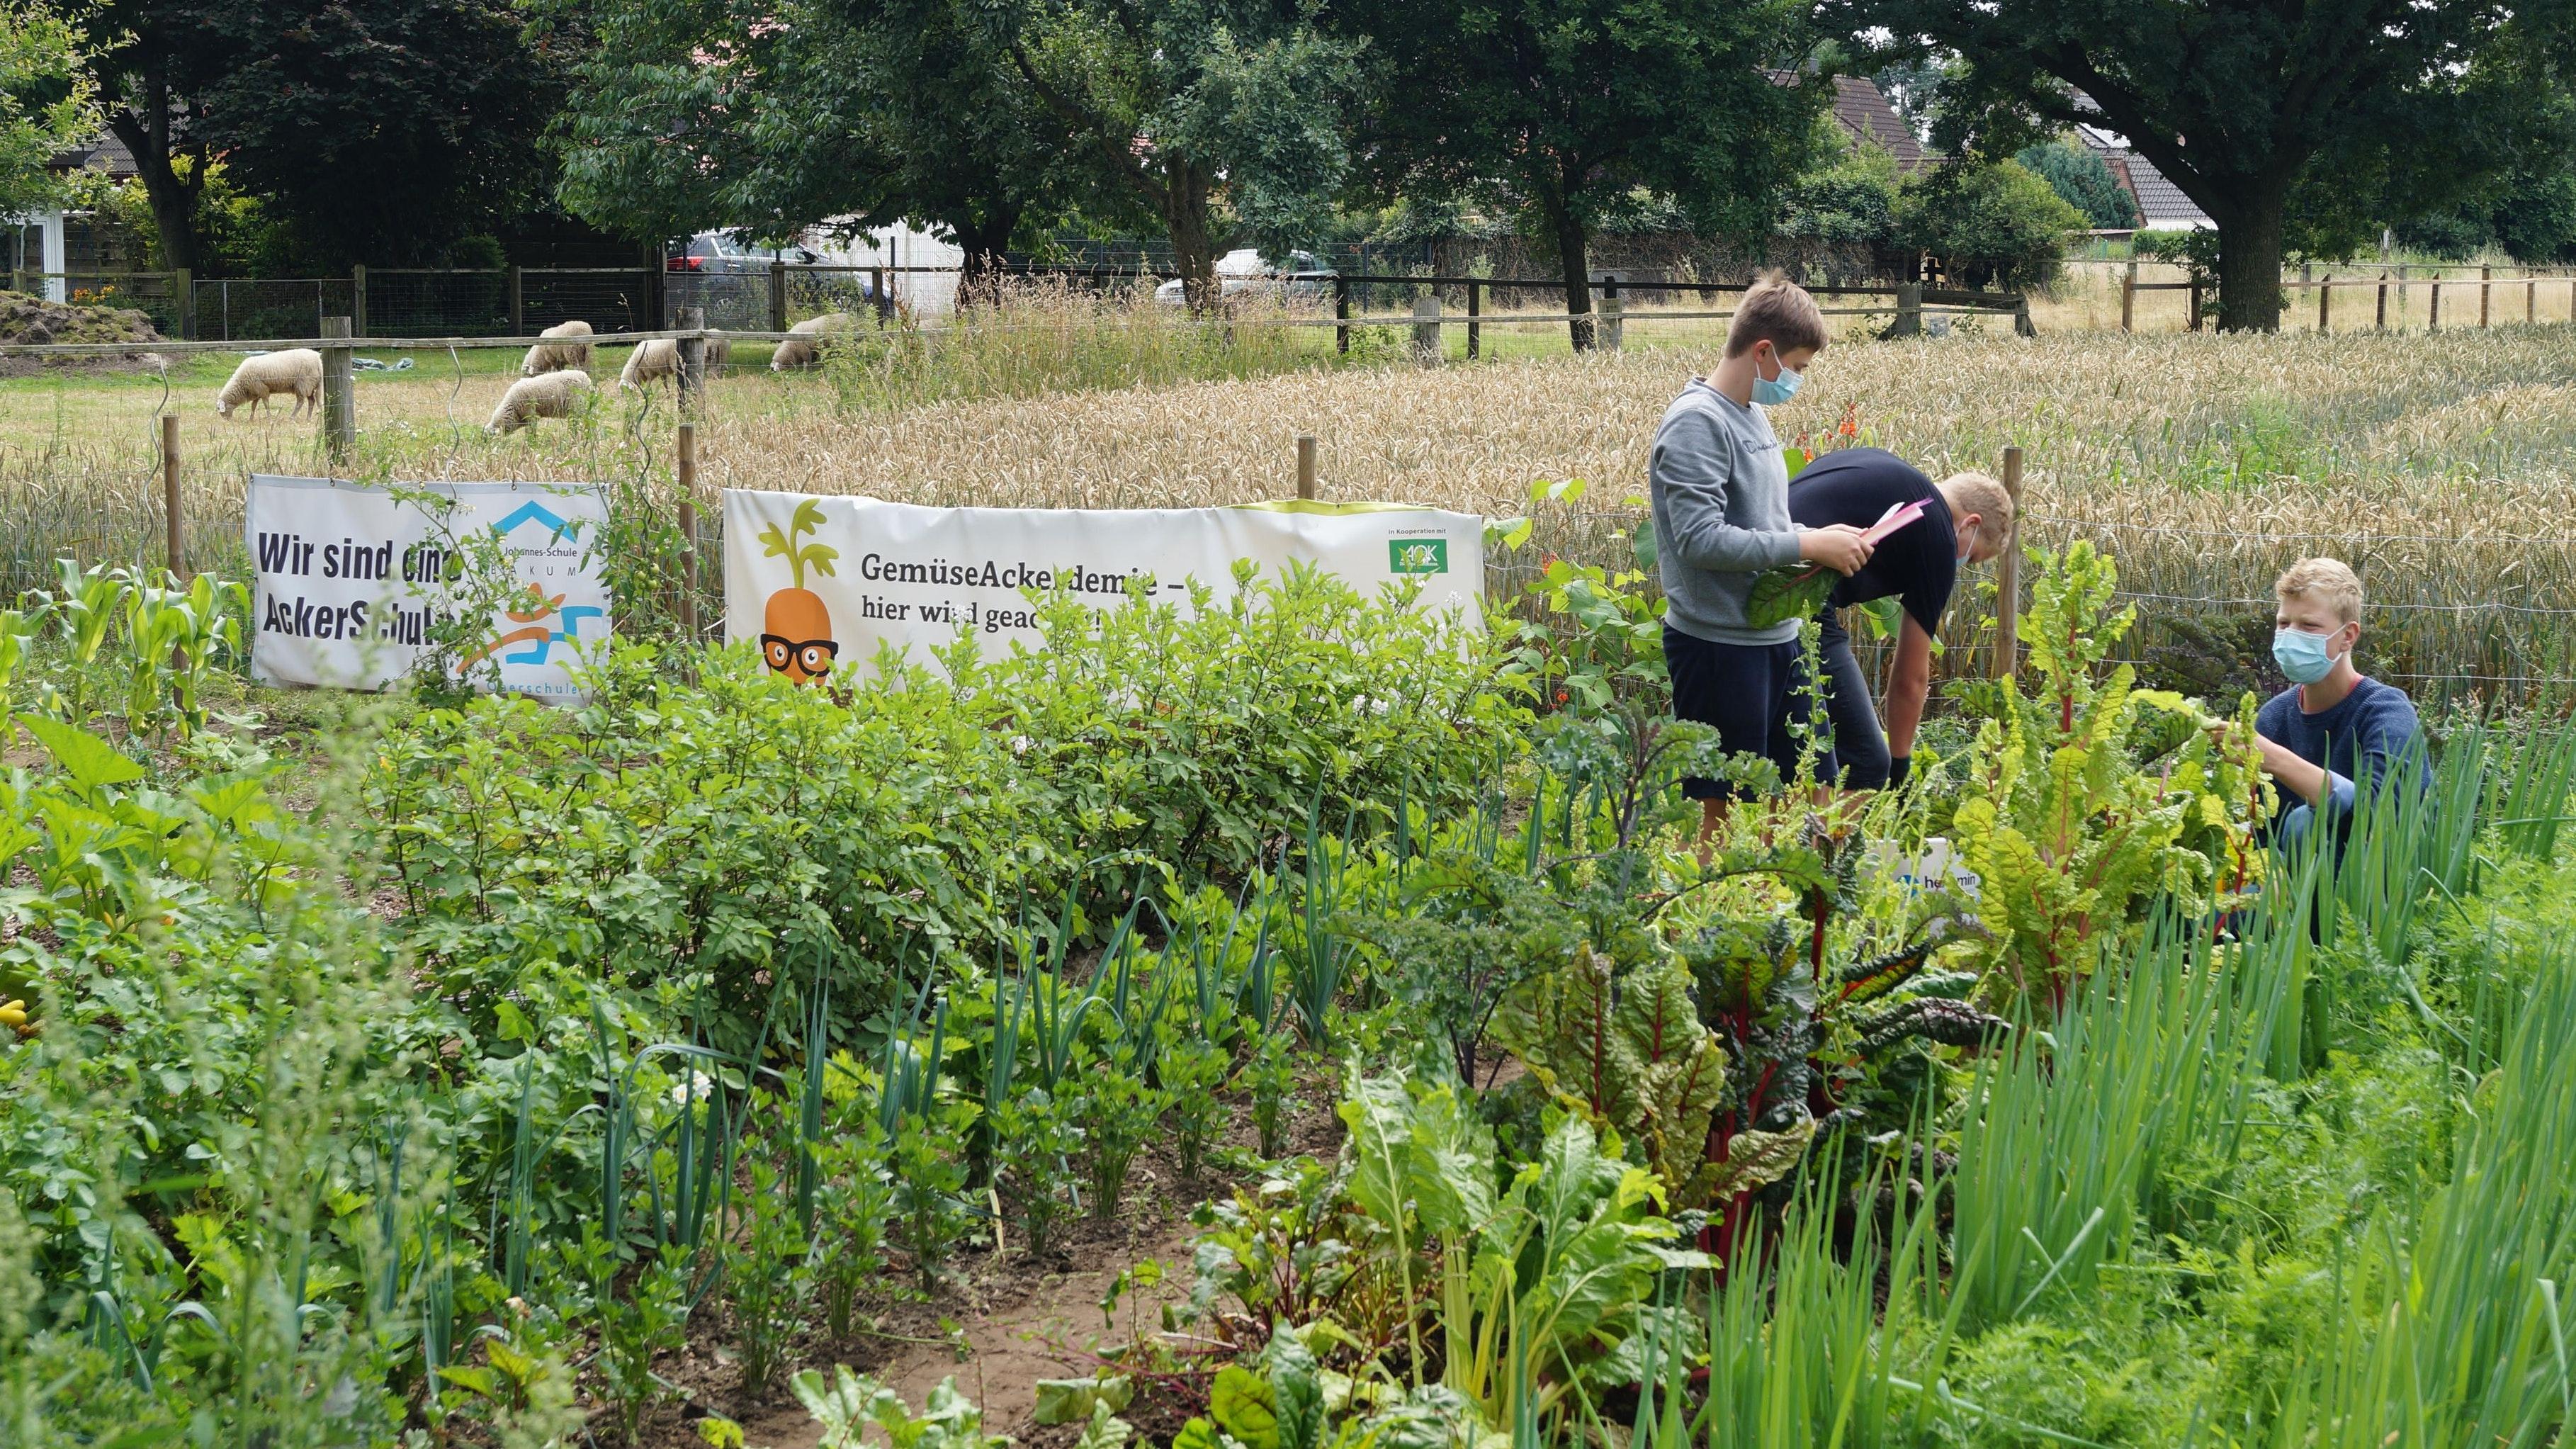 Grün an grün: In Bakum bewirtschaften Oberschüler im Rahmen einer Acker-AG eine Ackerfläche – auch in den Ferien. Foto: C. Meyer